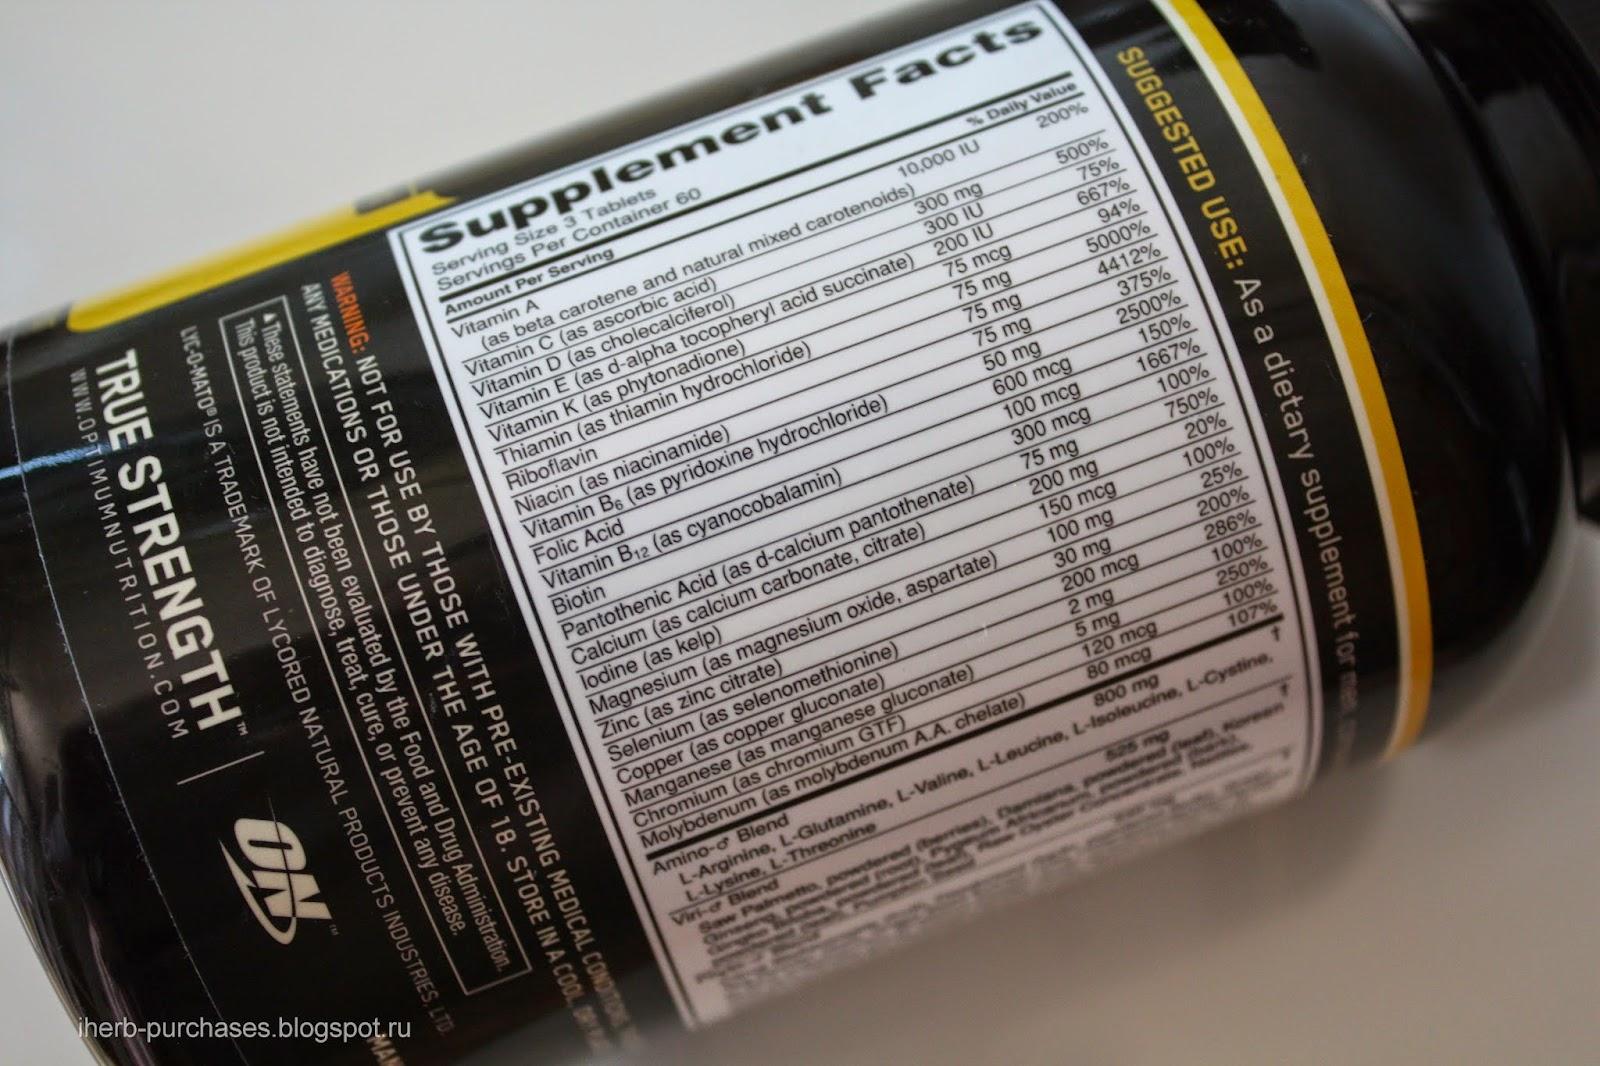 витамины для спортсменов, витамины для мужчин, спортивное питание, отзыв, iherb